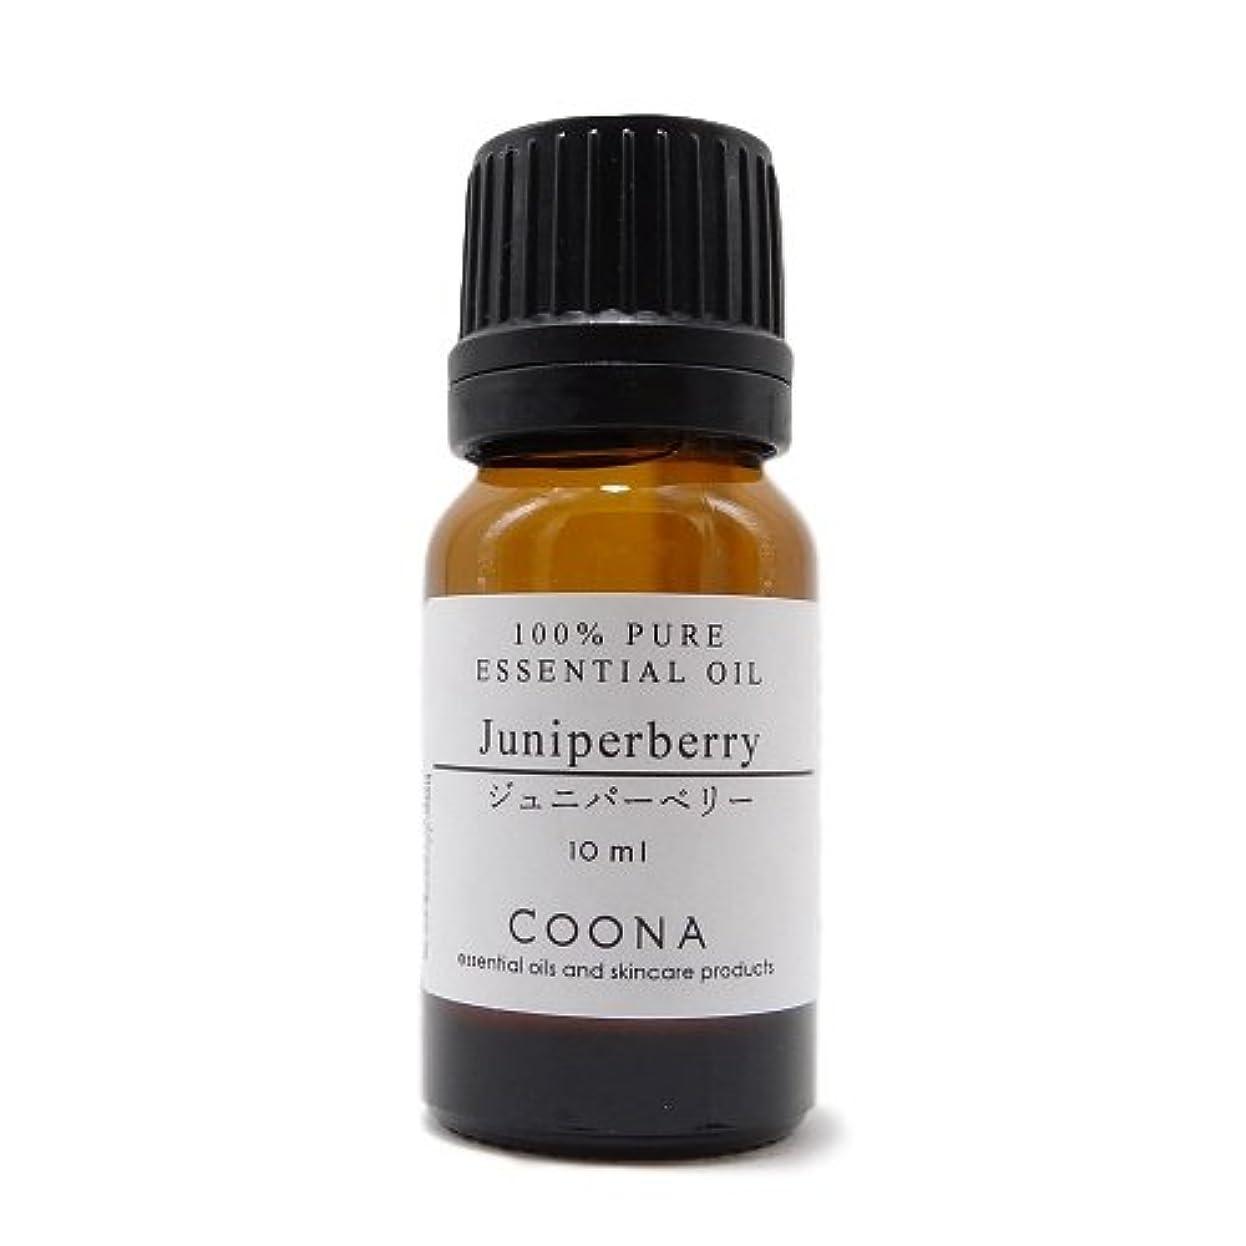 ジュニパーベリー 10 ml (COONA エッセンシャルオイル アロマオイル 100%天然植物精油)